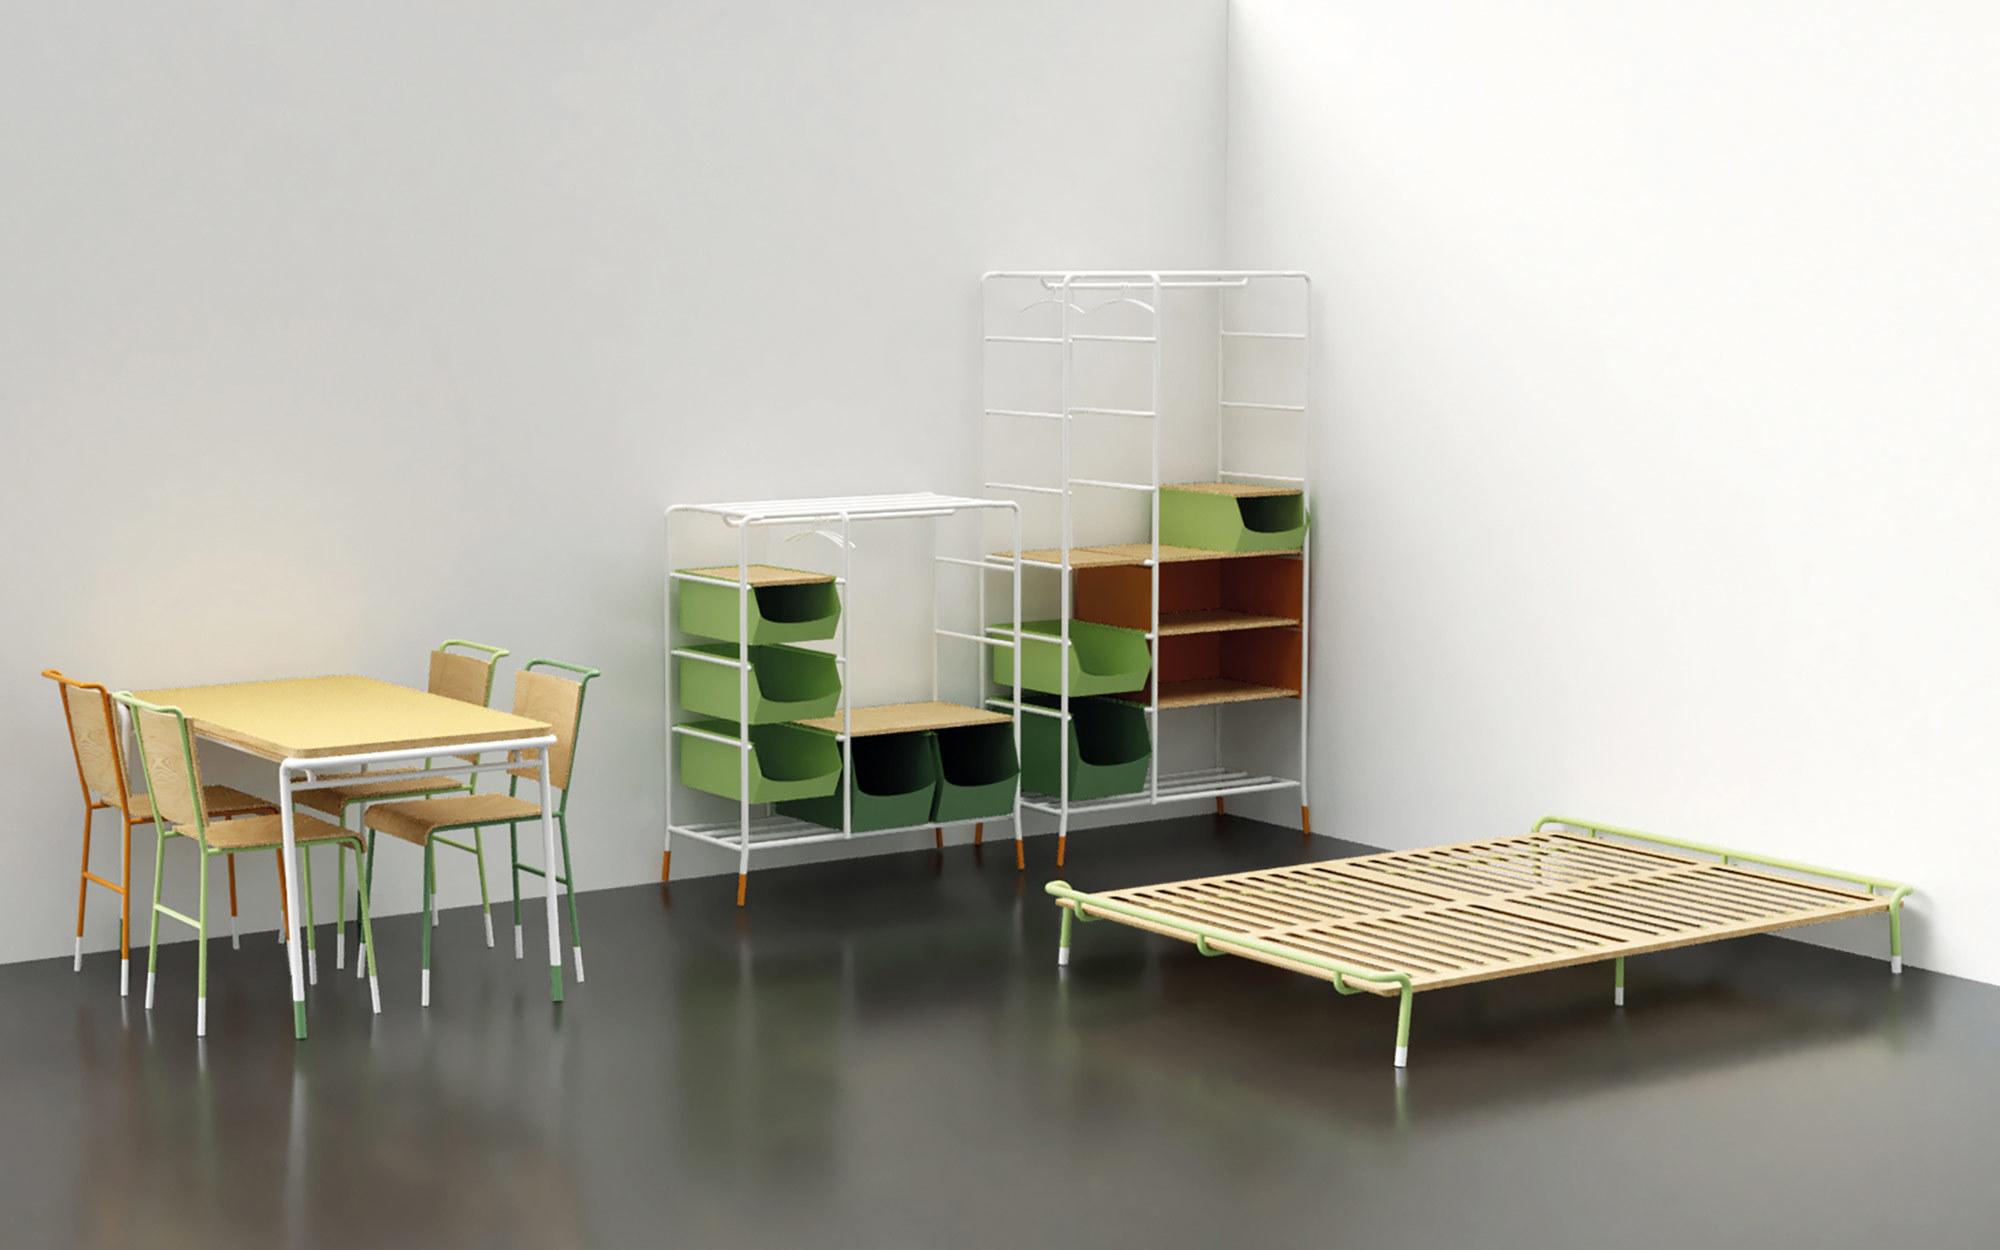 Tisch, Stuhl, Regal und Bett: Diese Möbel sind Teil des Projekts Kulturkonfektvon Eileen Krüger